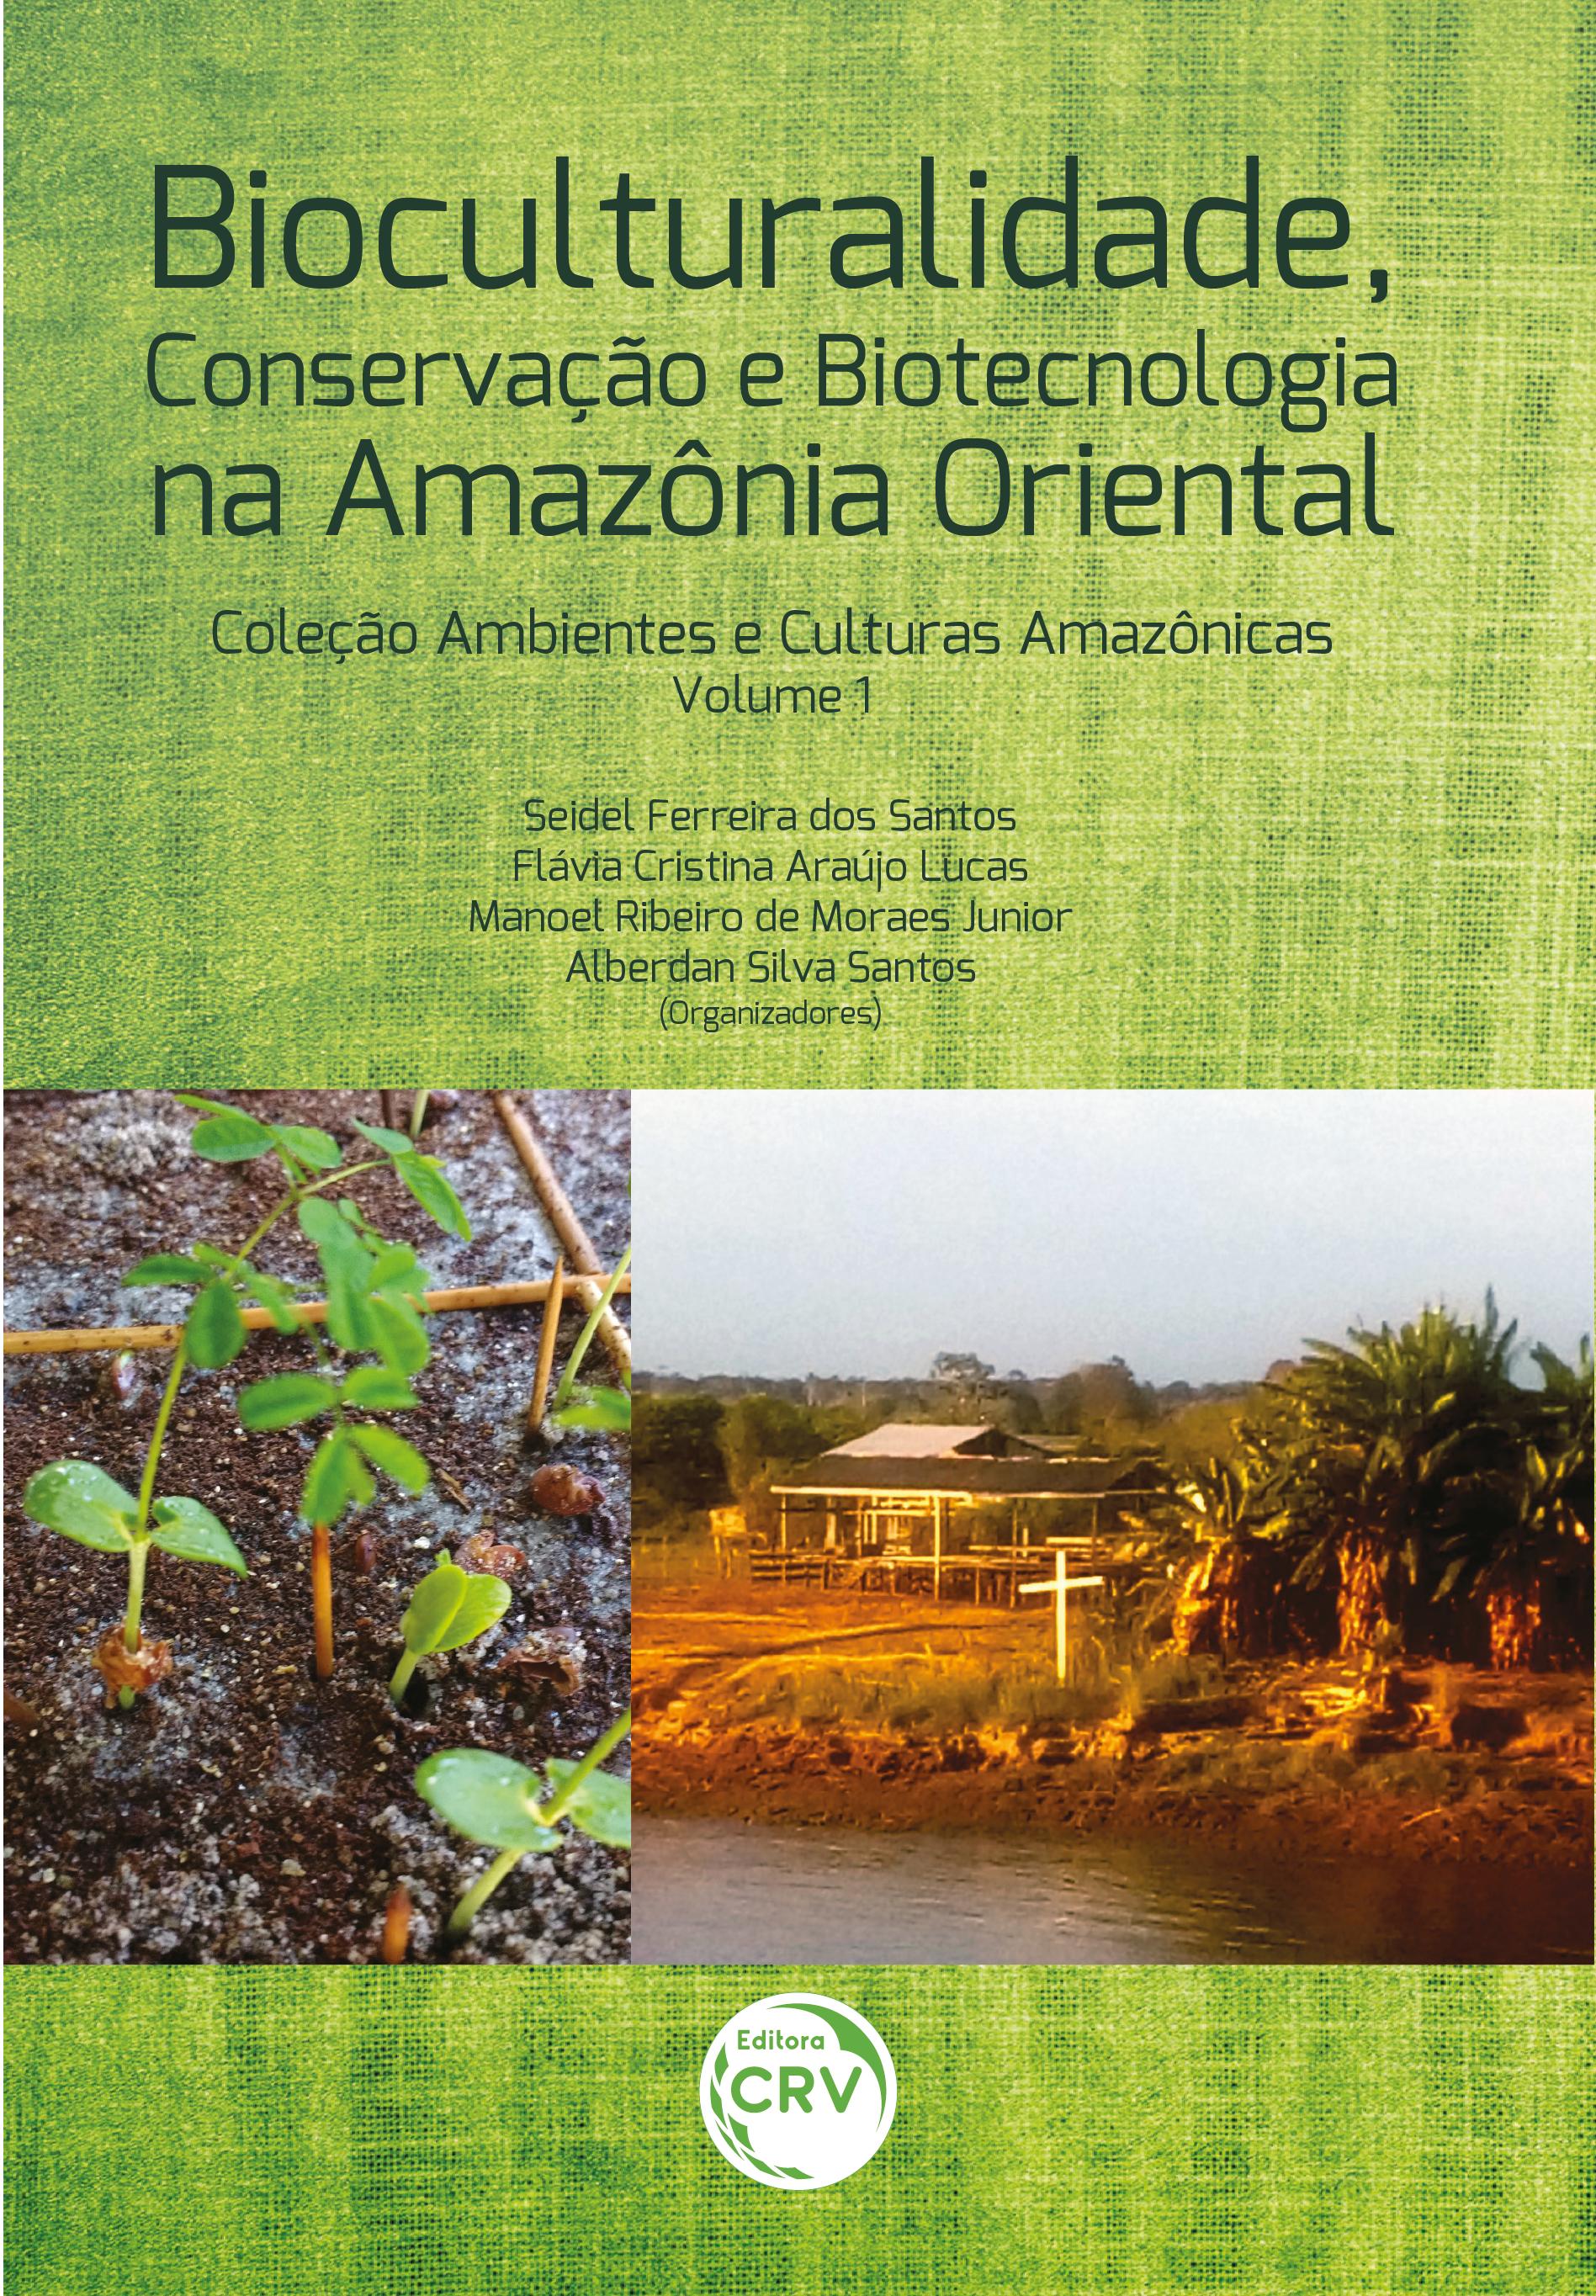 Capa do livro: BIOCULTURALIDADE, CONSERVAÇÃO E BIOTECNOLOGIA NA AMAZÔNIA ORIENTAL <br>Coleção Ambientes e Culturas Amazônicas Volume 1